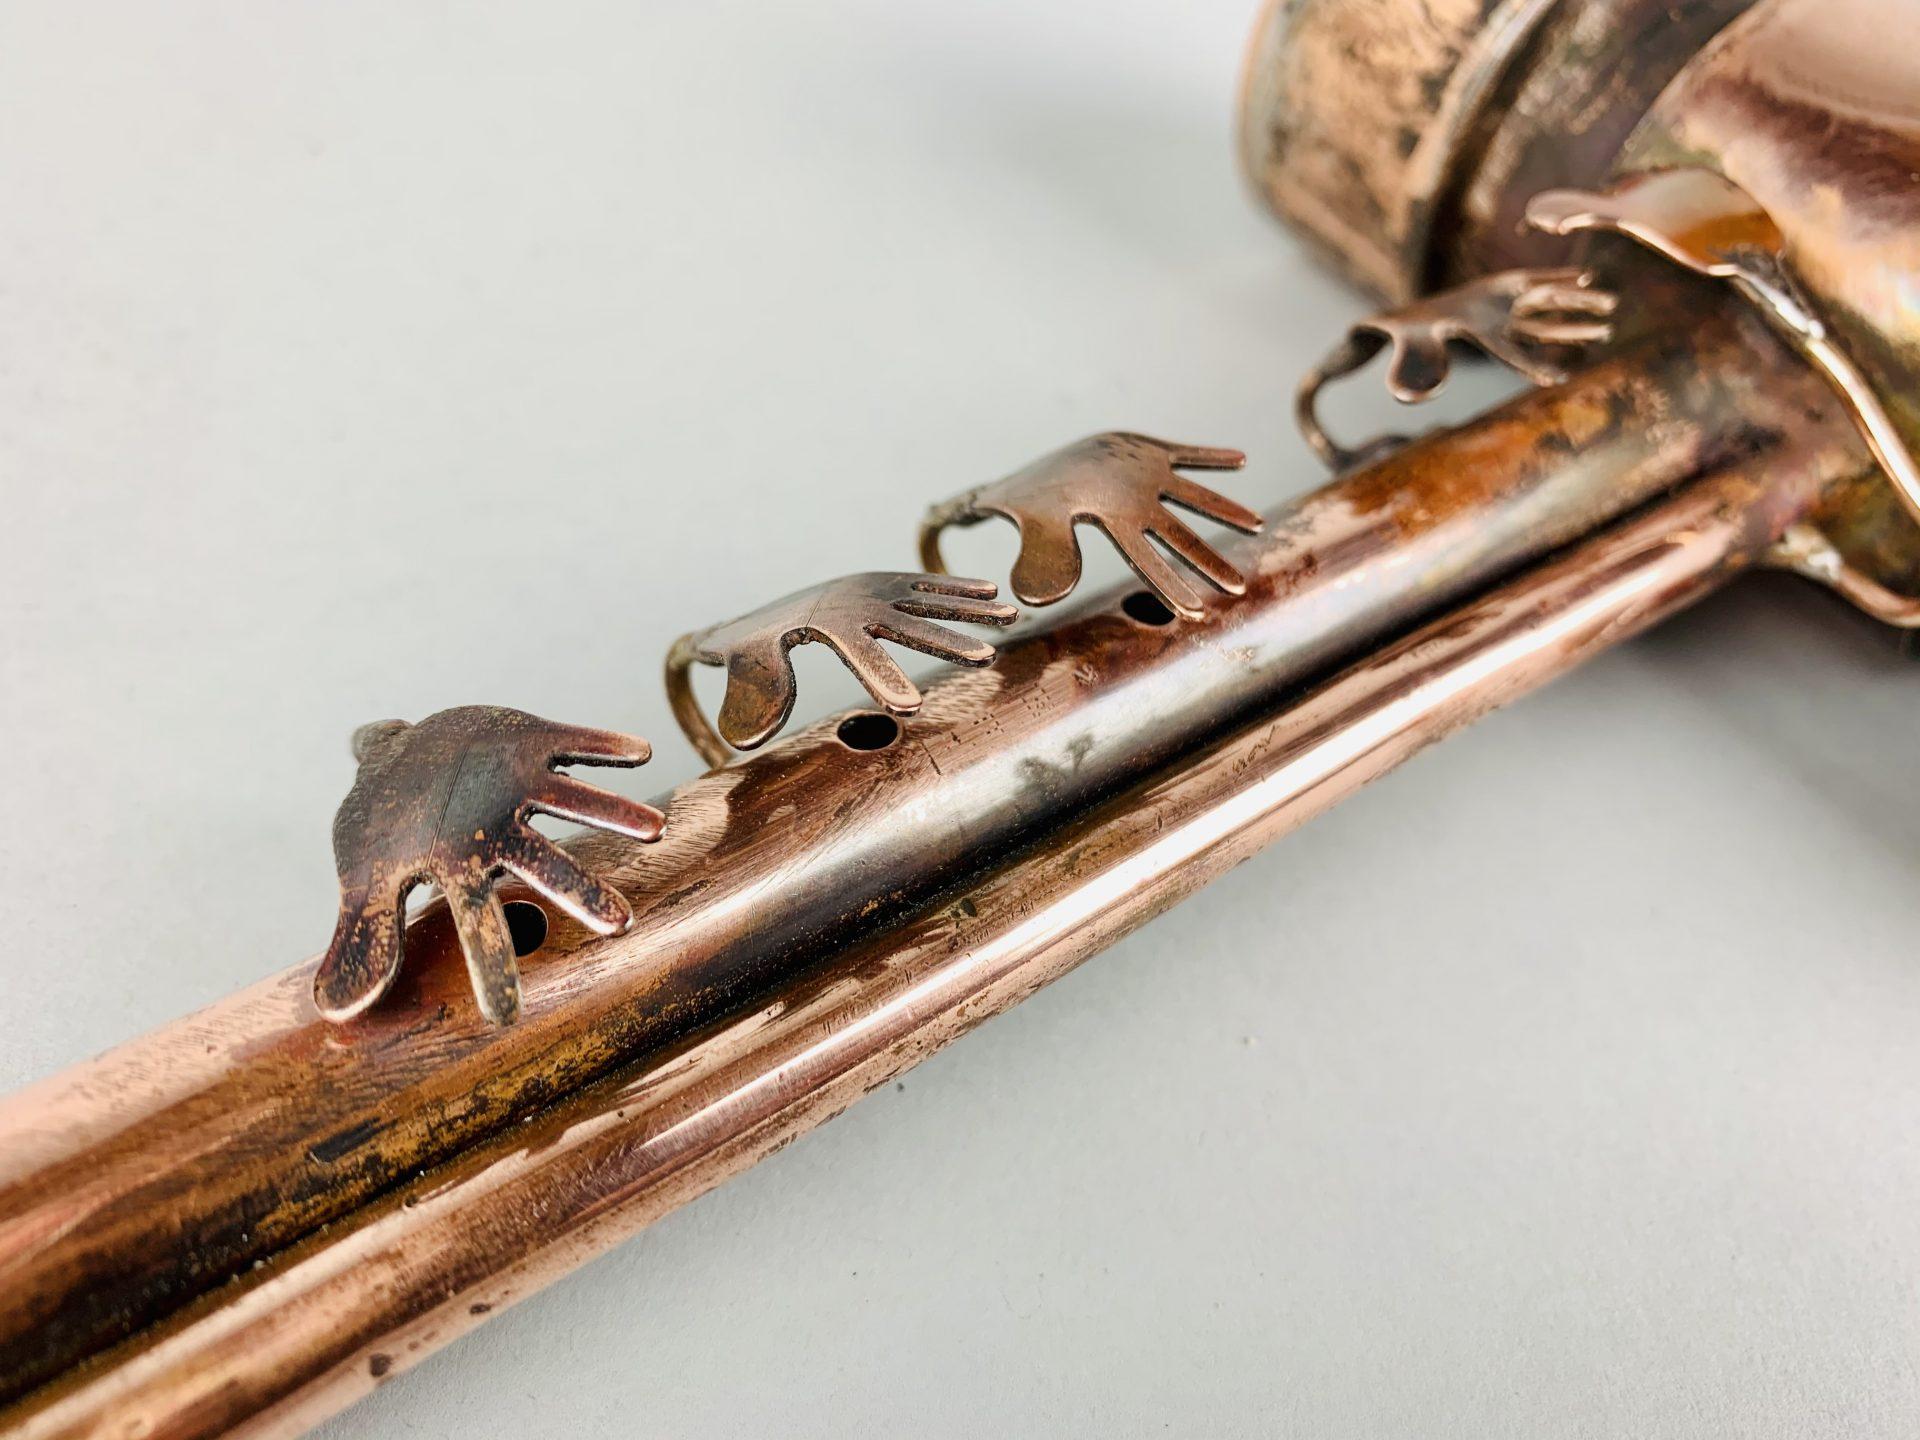 Hamer en fluit detail foto SJAAK SMETSERS 7